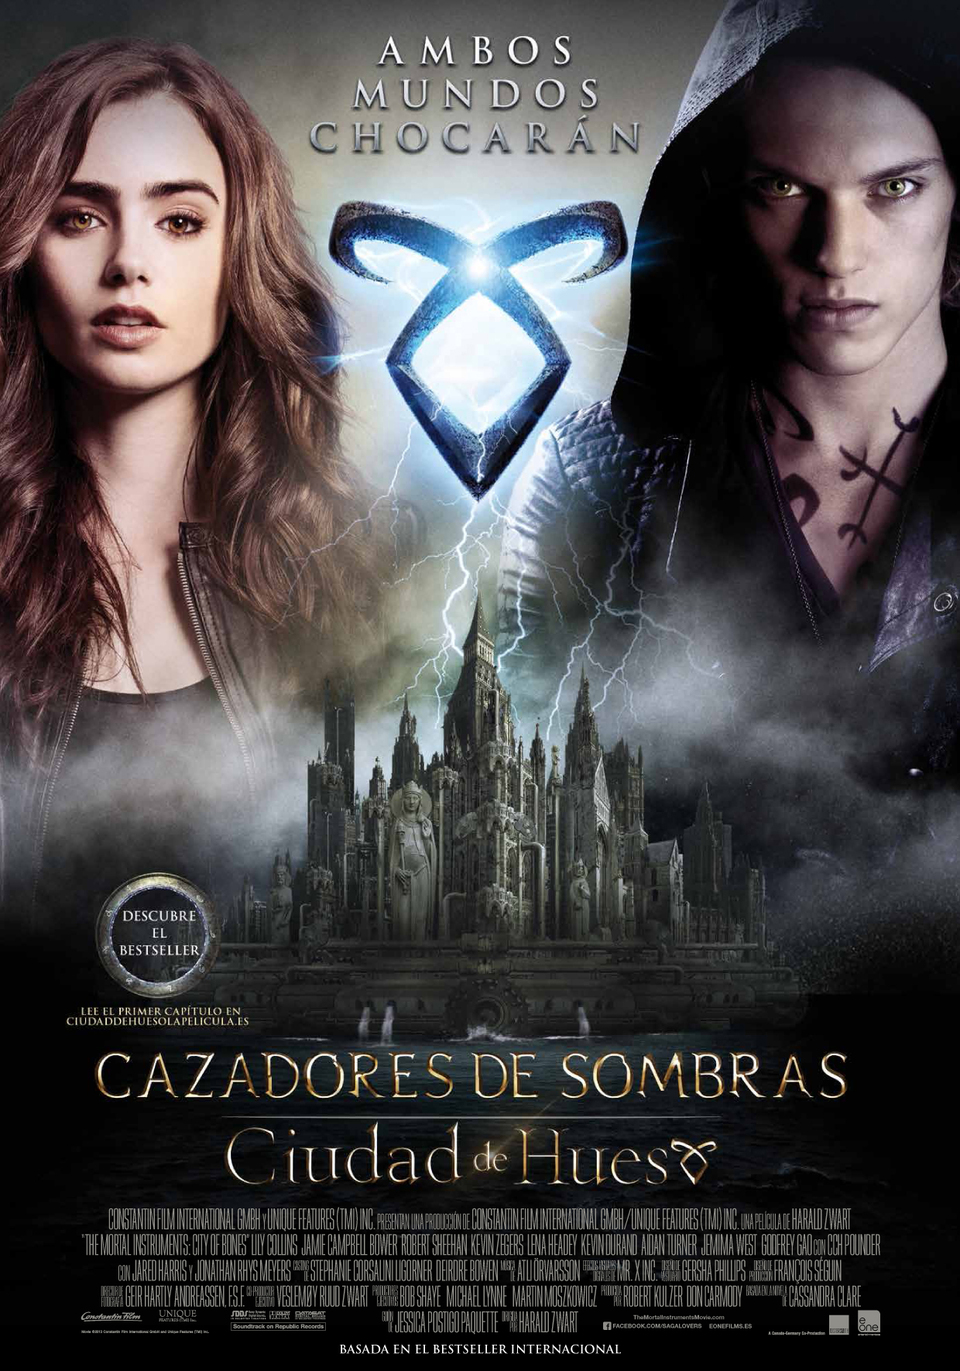 Cazadores De Sombras Ciudad De Hueso (2013)